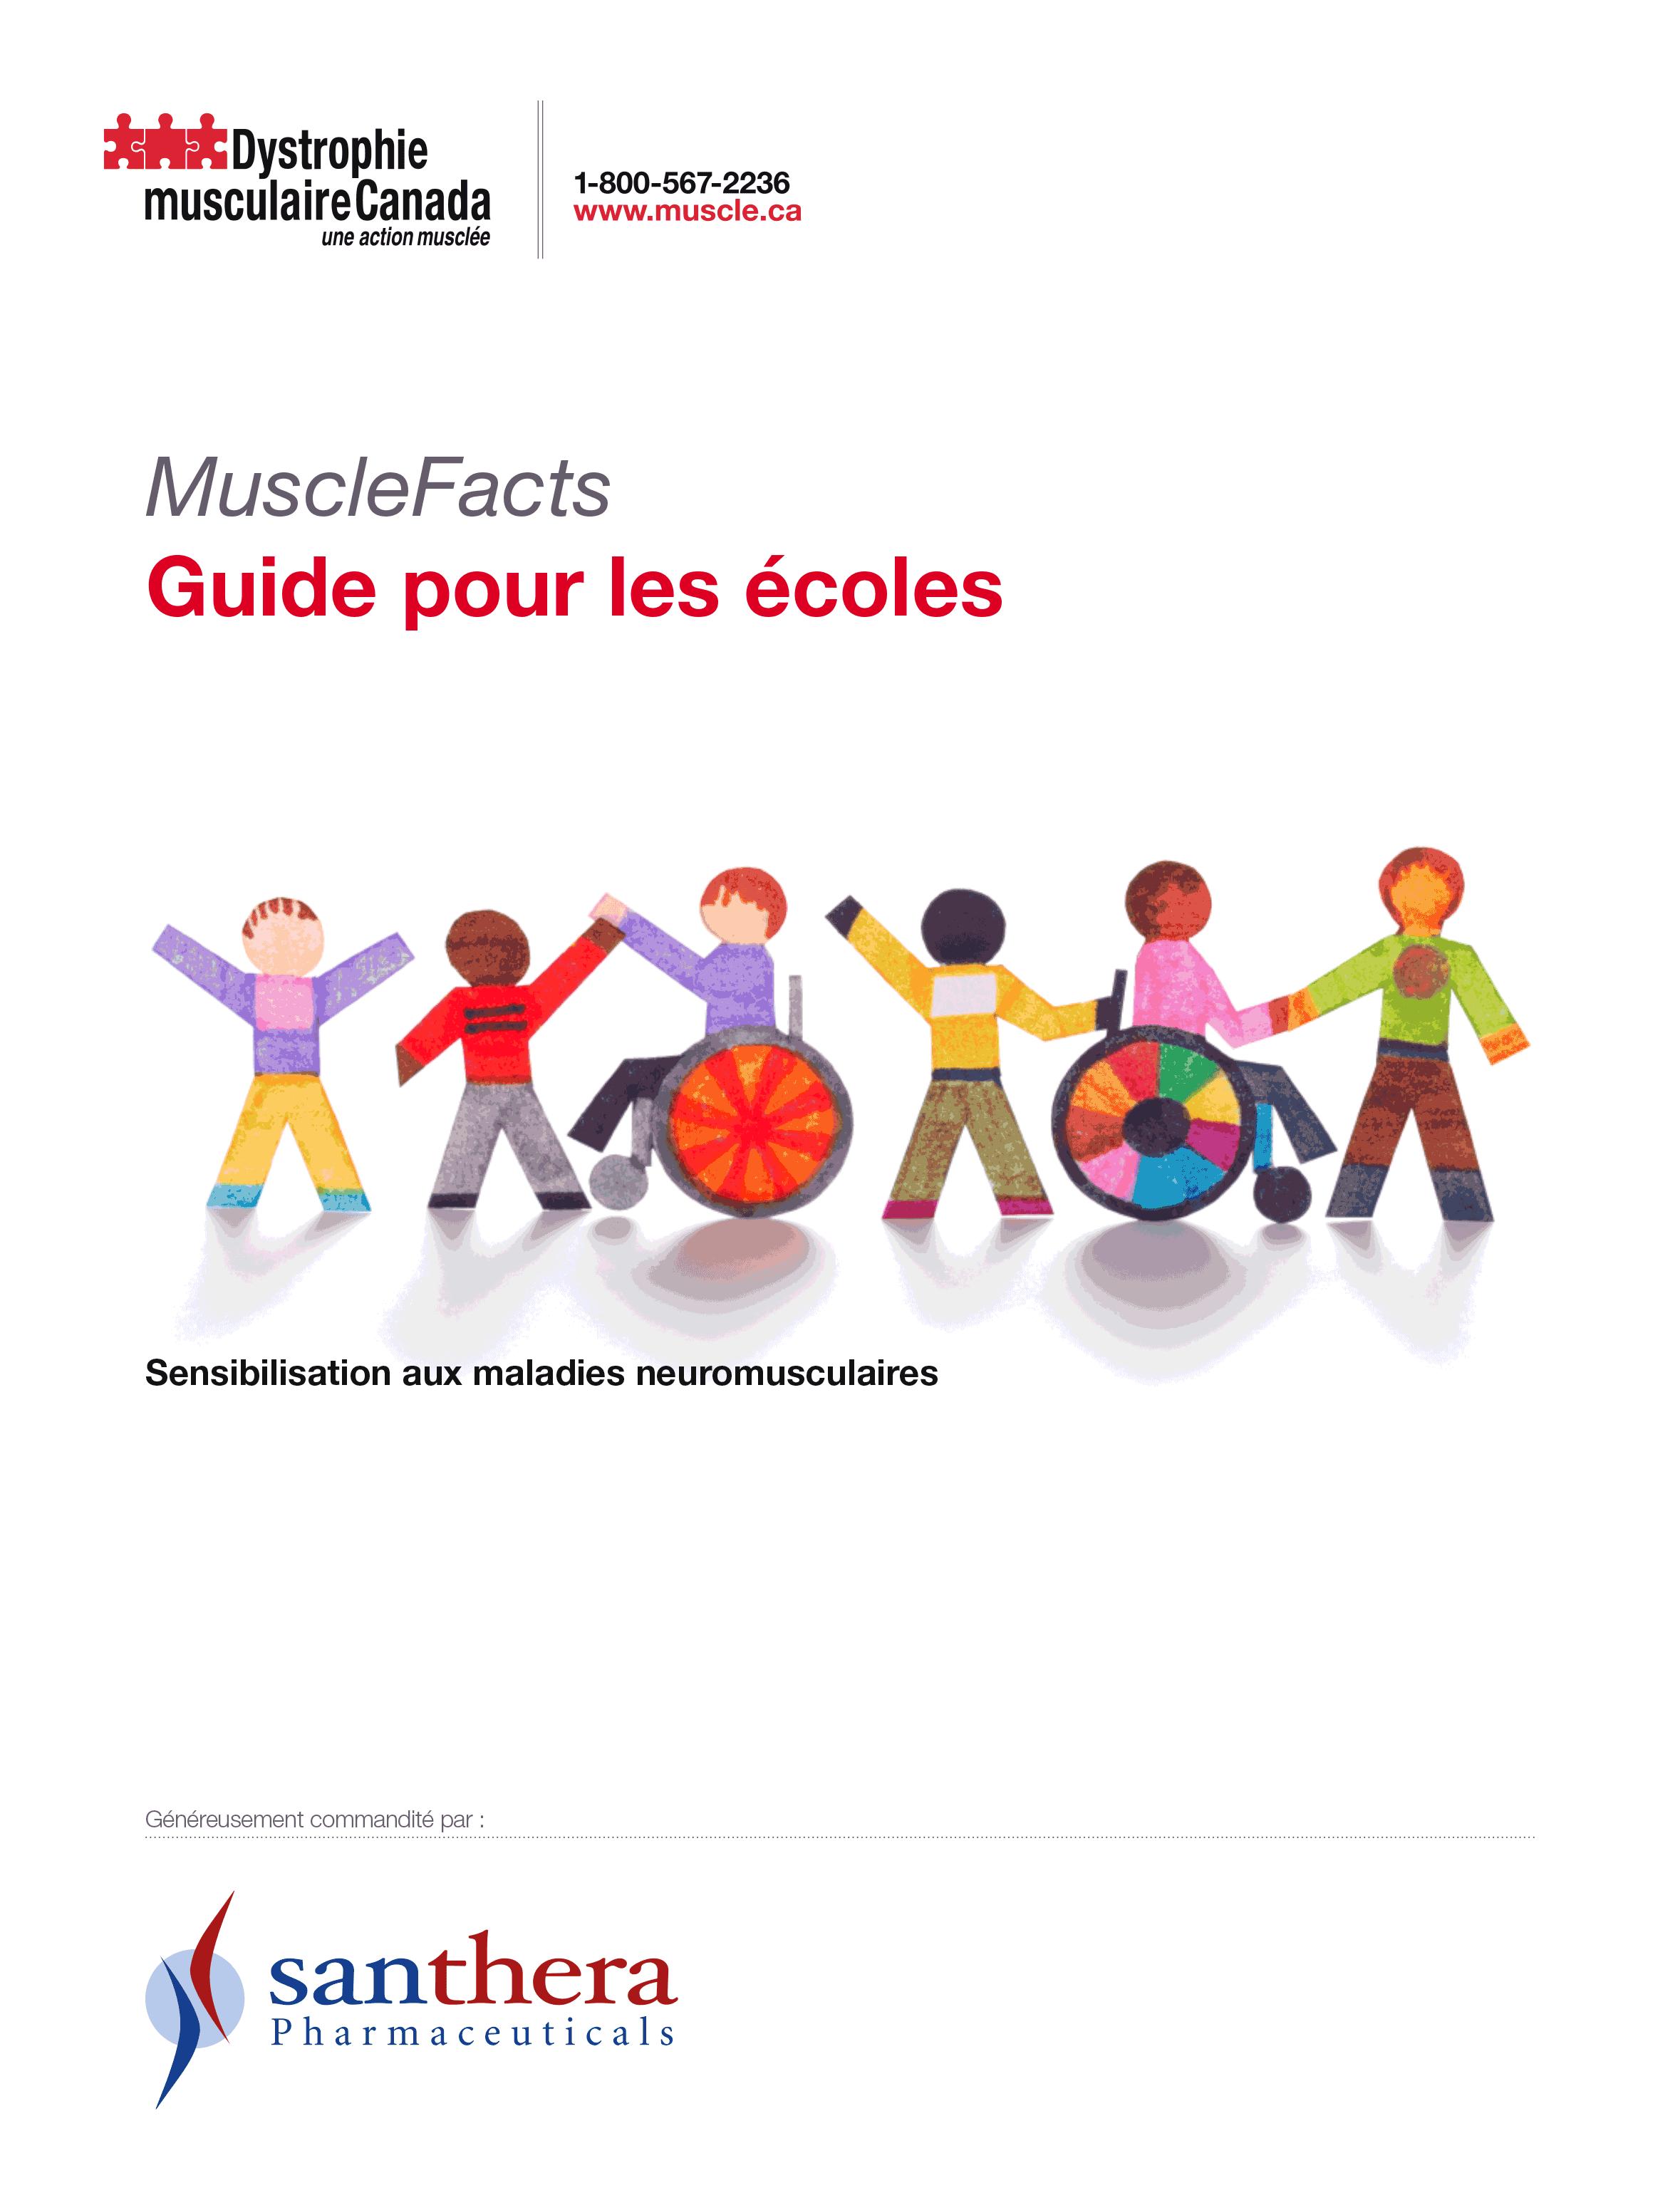 MuscleFacts : Guide pour les écoles